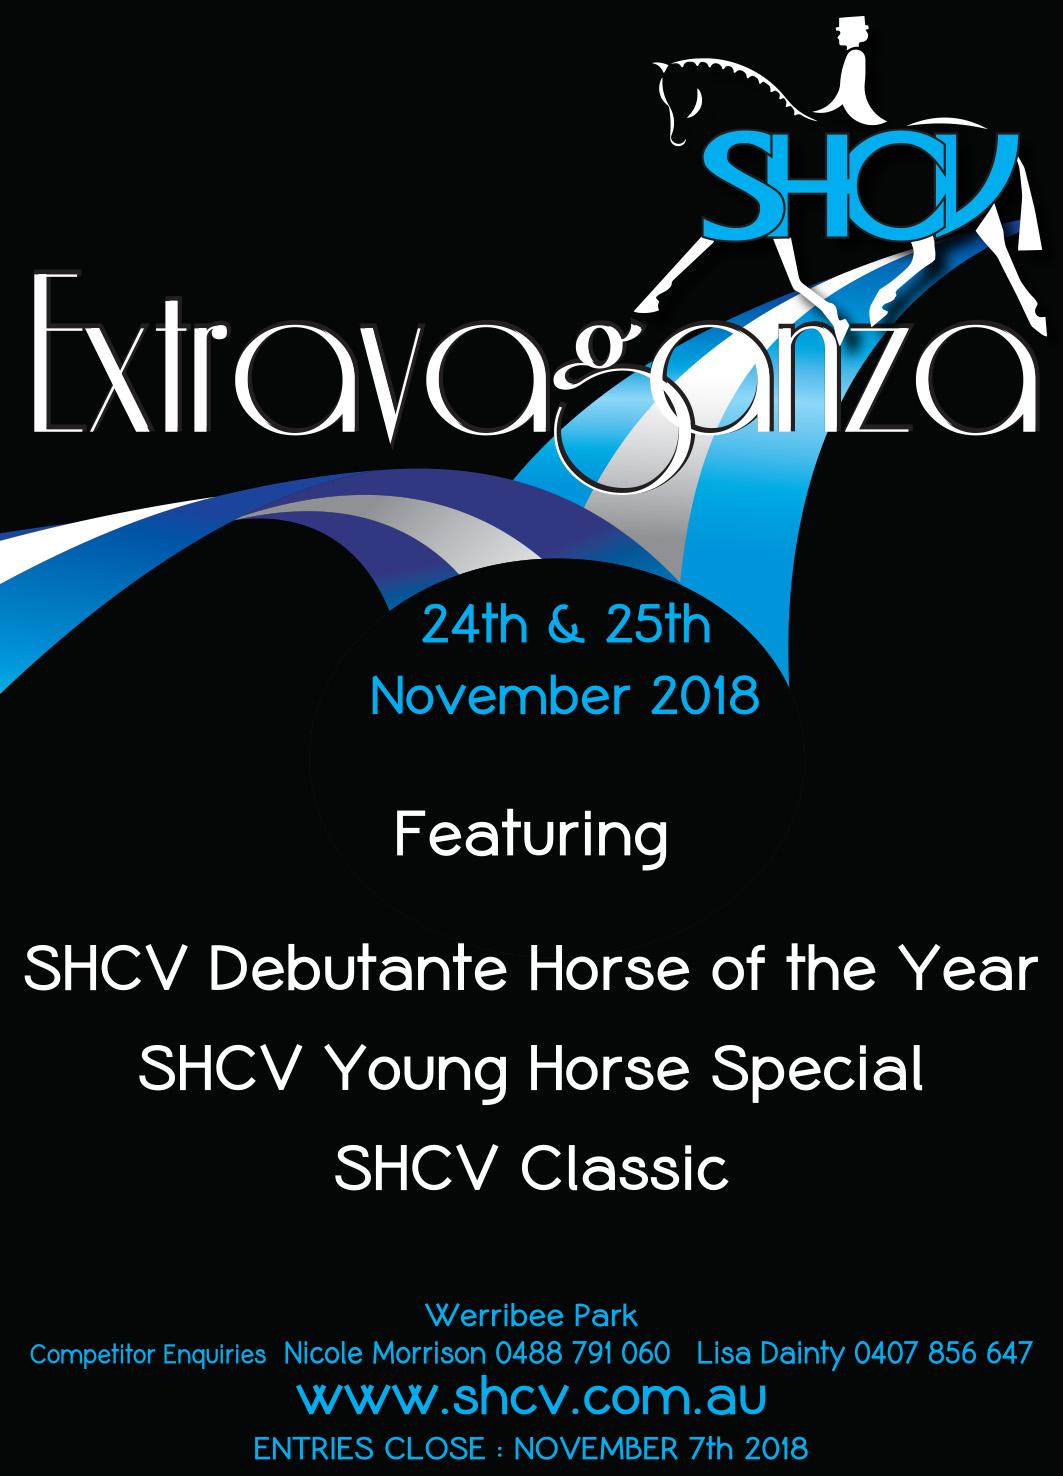 SHCV Extravaganza web18